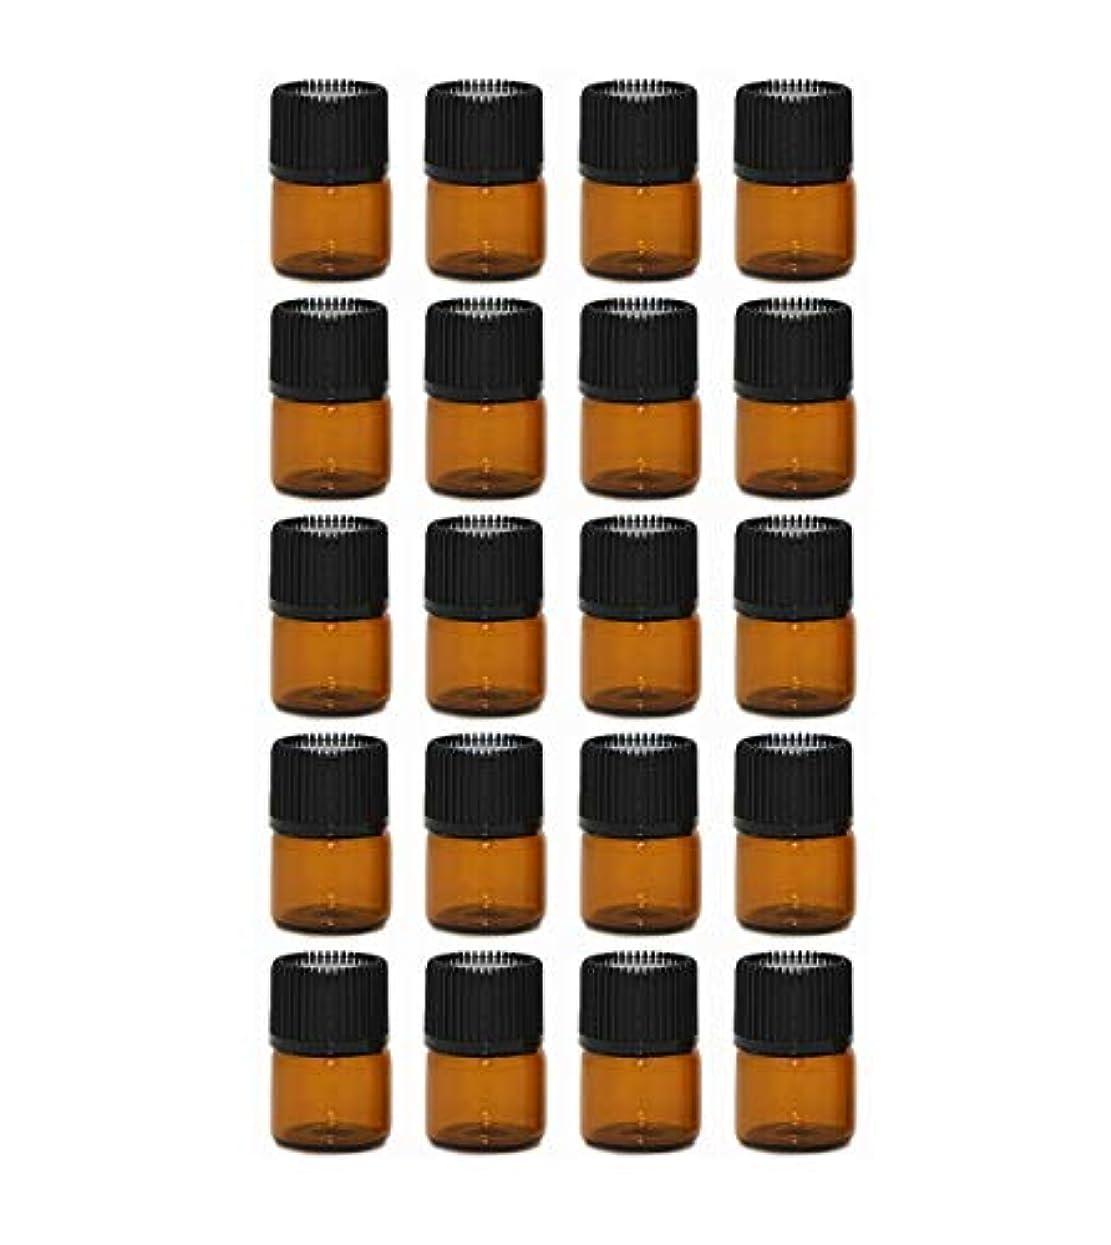 鏡違法進行中精油 小分け用 ボトル オイル 用 茶色 瓶 アロマオイル 遮光瓶 エッセンシャルオイル 保存瓶 1ml 15本セット